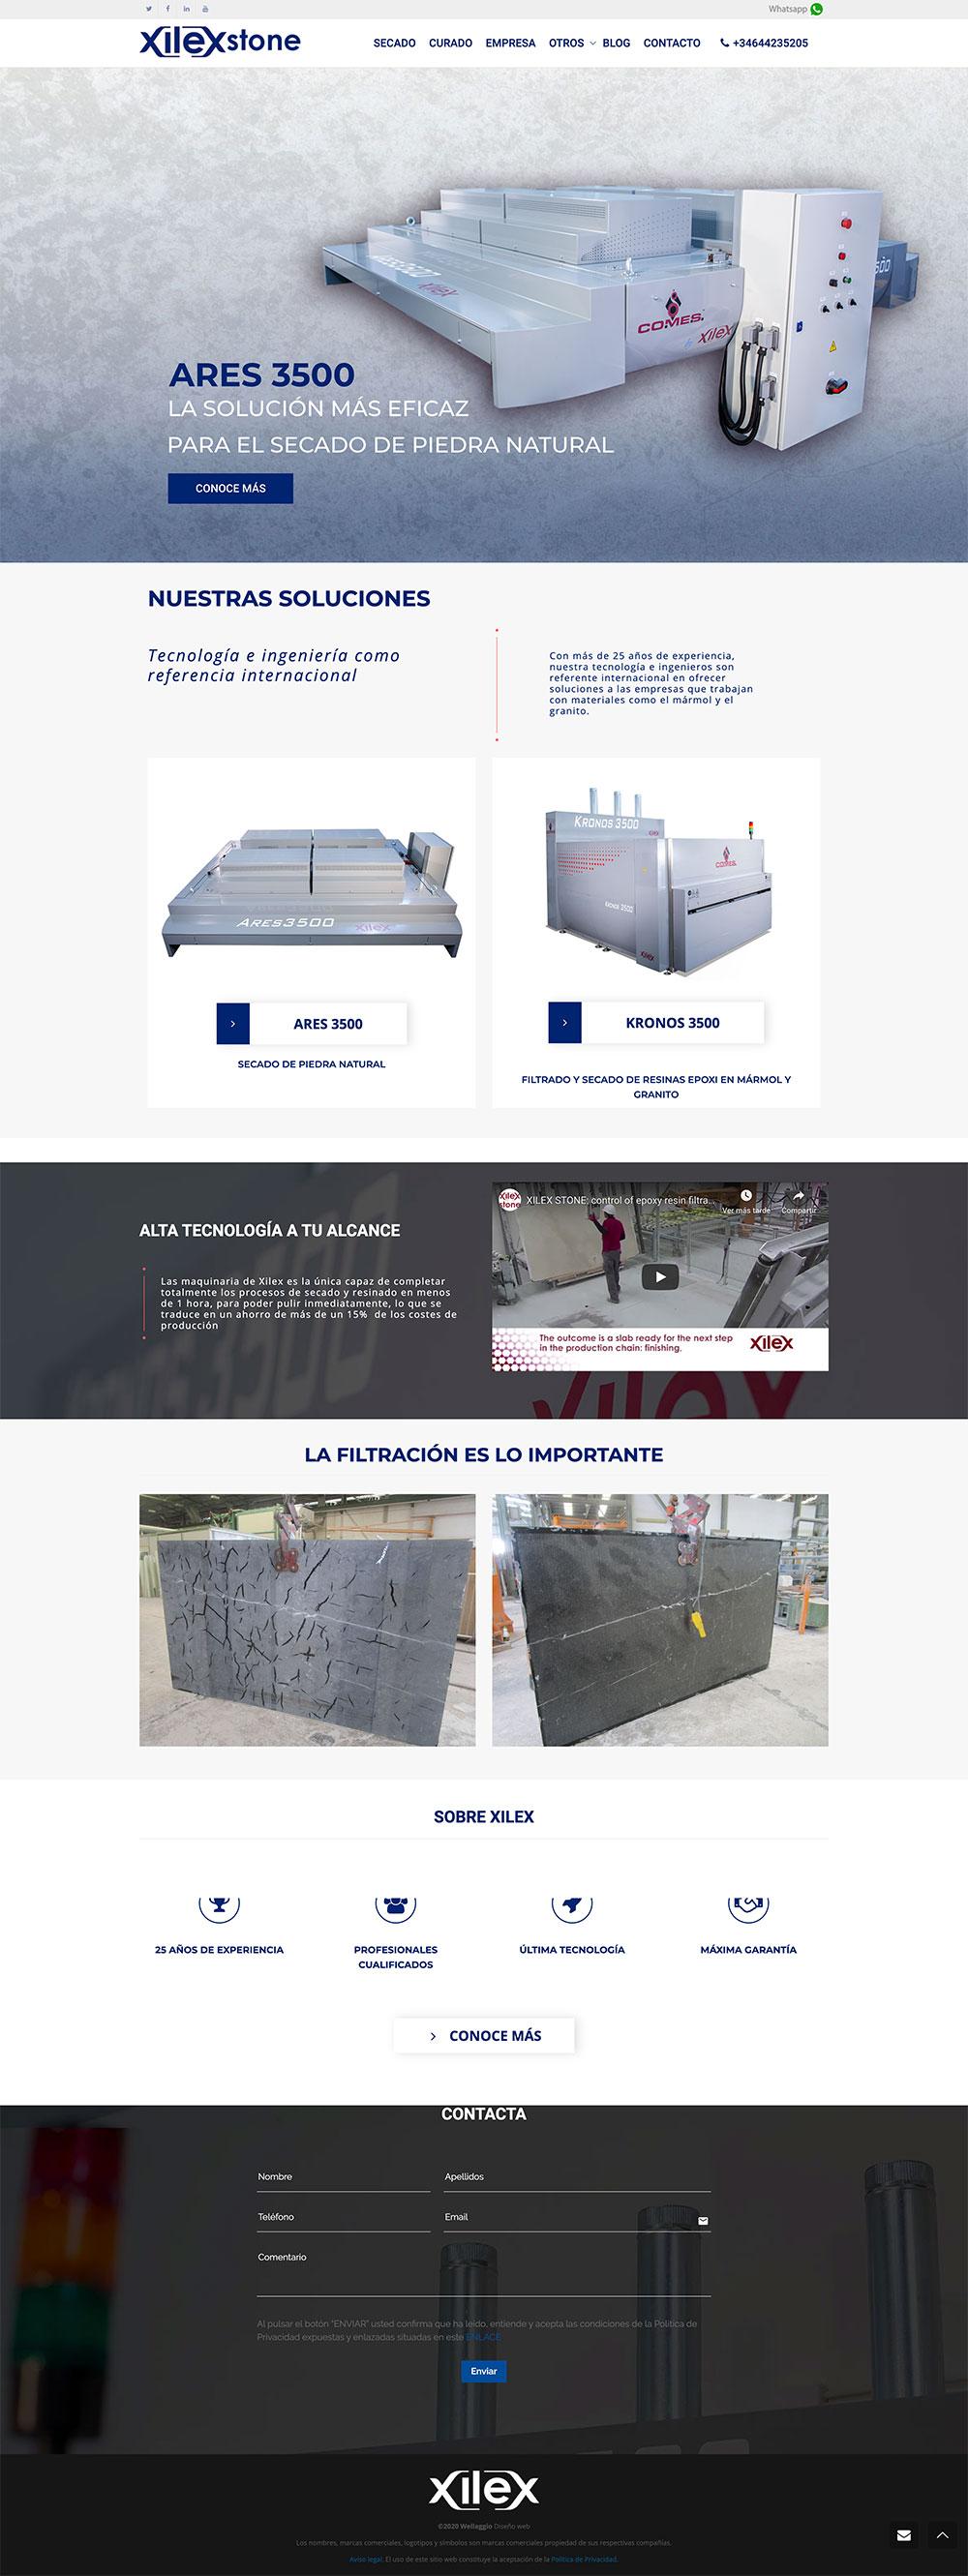 diseno-web-valencia-pagina-web-xilex